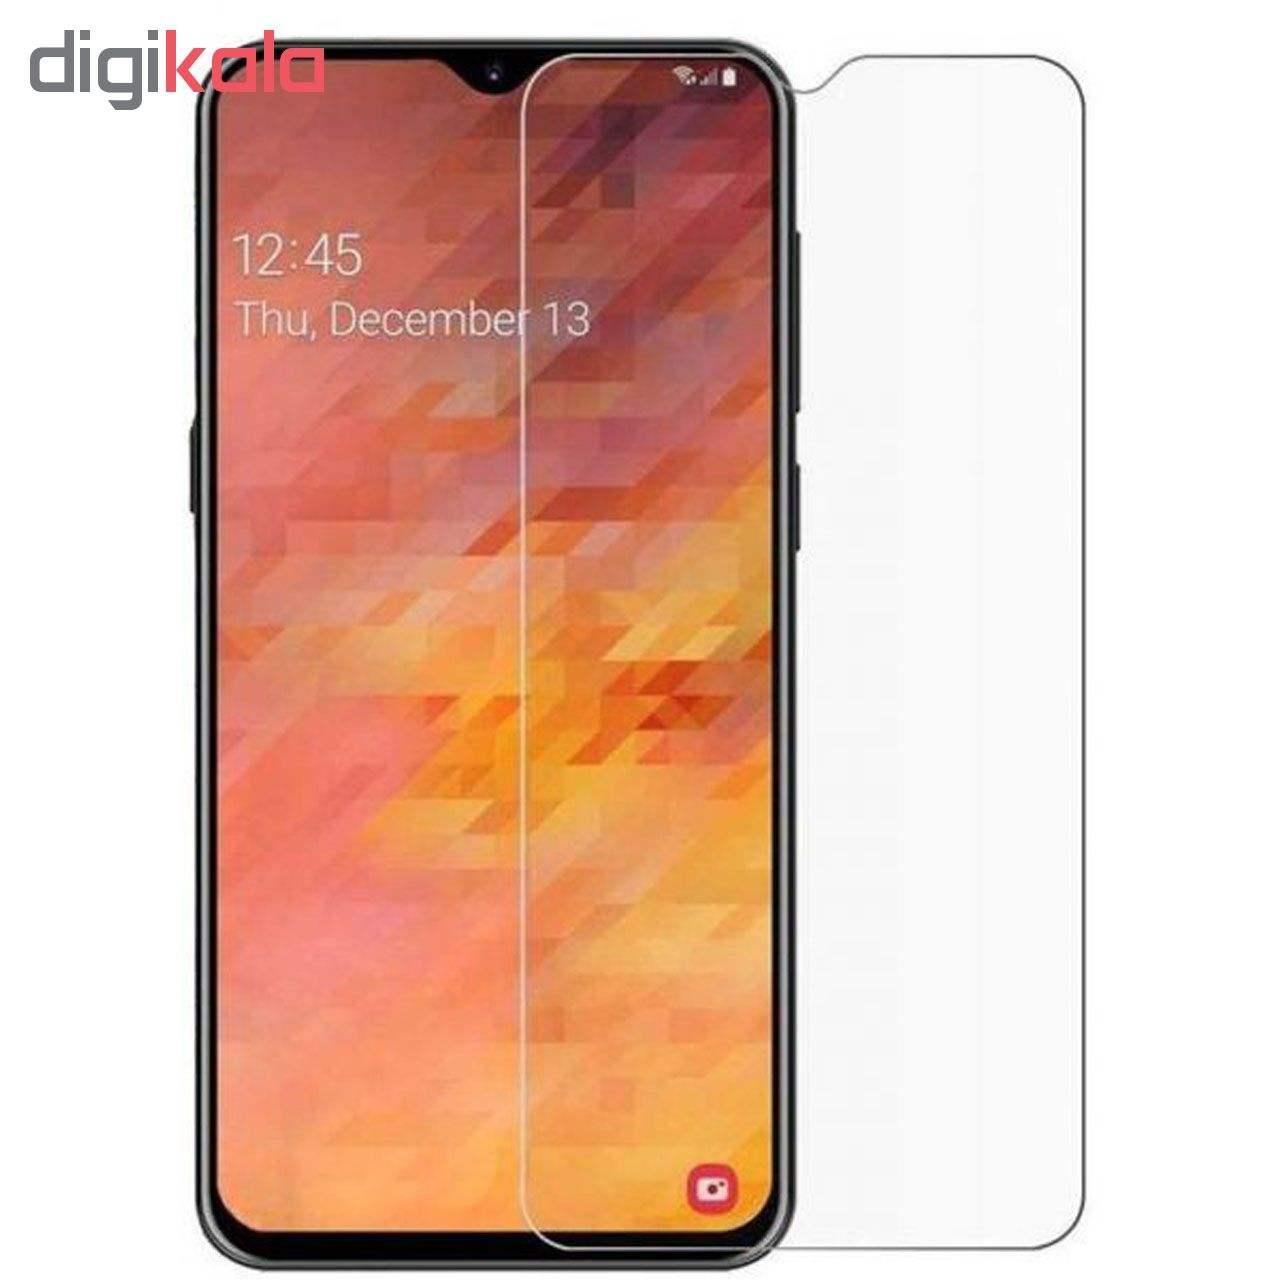 محافظ صفحه نمایش مدل T-11 مناسب برای گوشی موبایل سامسونگ Galaxy M20 main 1 1